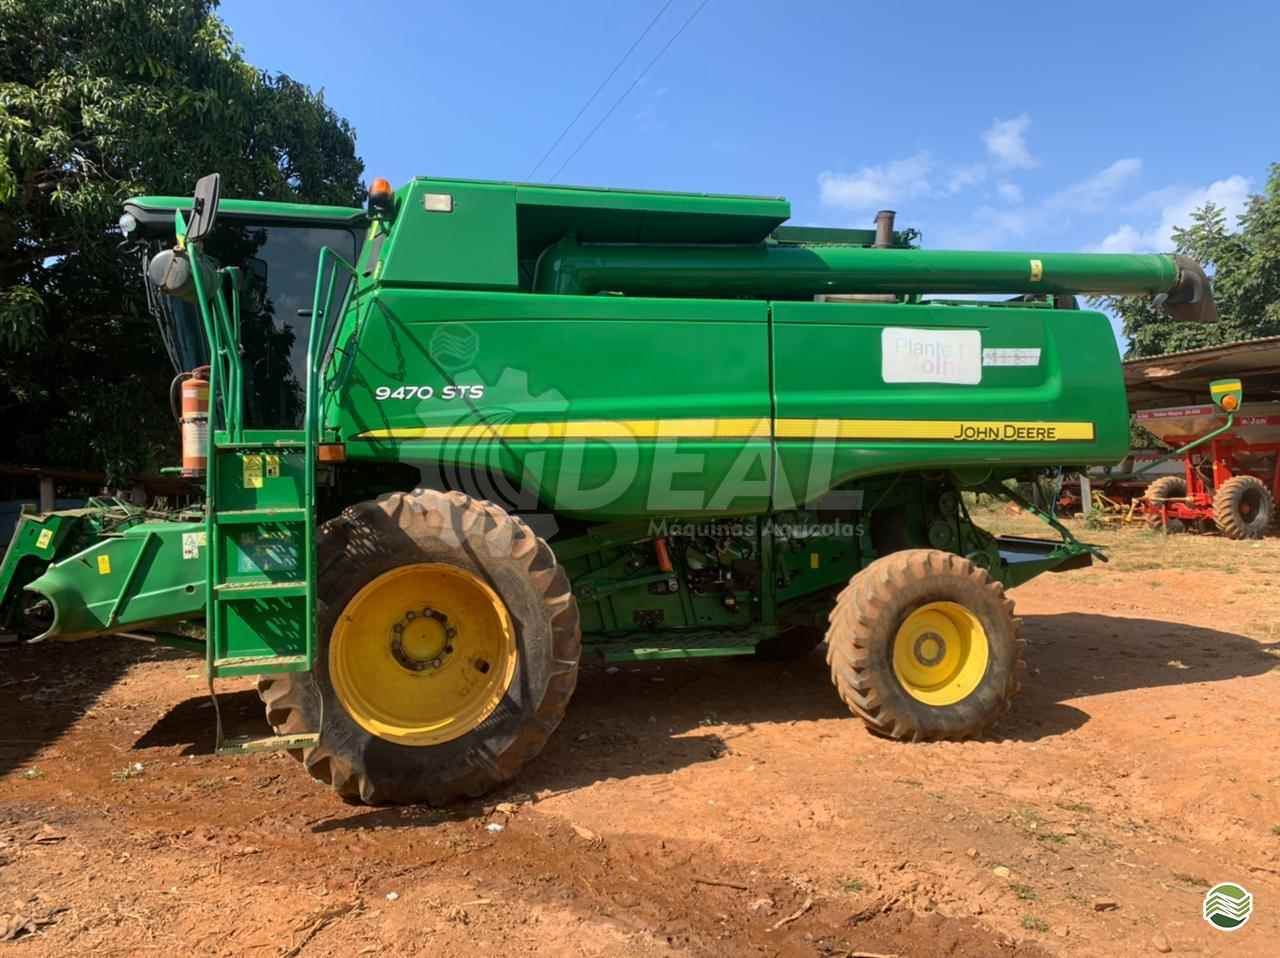 COLHEITADEIRA JOHN DEERE JOHN DEERE 9470 STS Ideal Máquinas Agrícolas SAO GONCALO DO SAPUCAI MINAS GERAIS MG